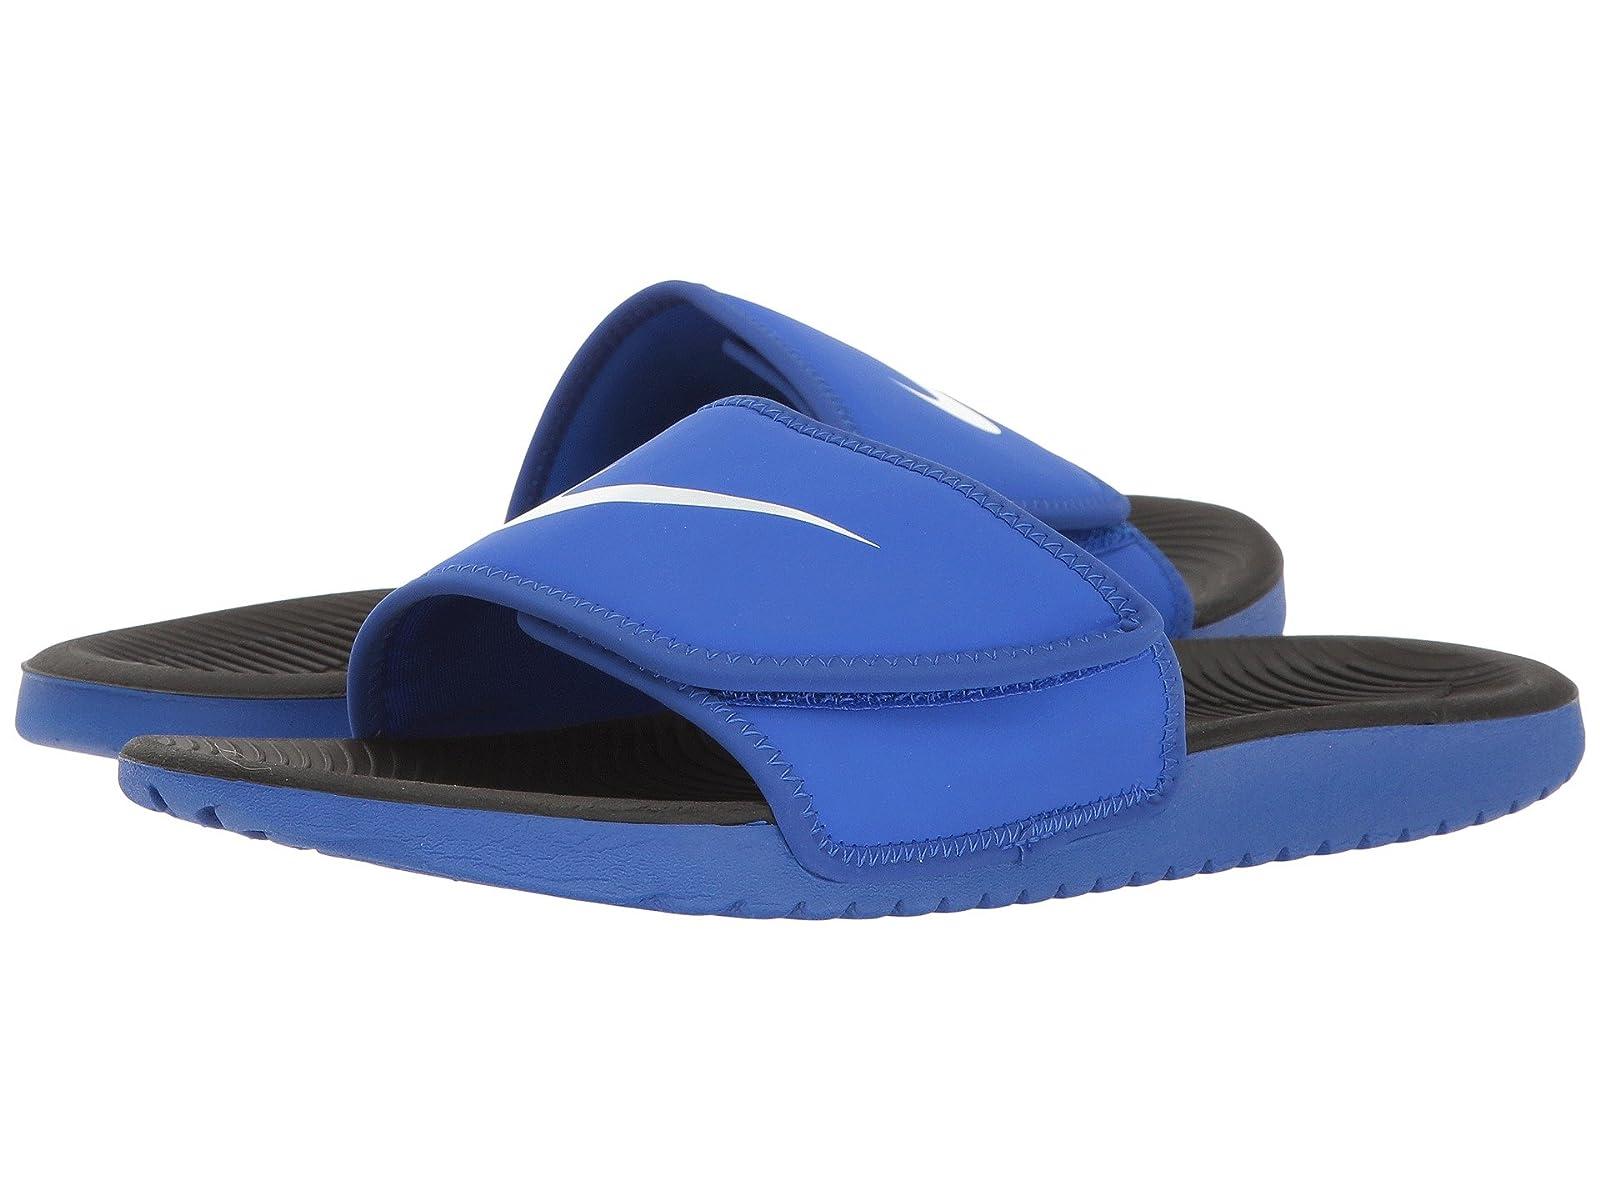 Nike Kids Kawa Adjust (Little Kid/Big Kid)Atmospheric grades have affordable shoes